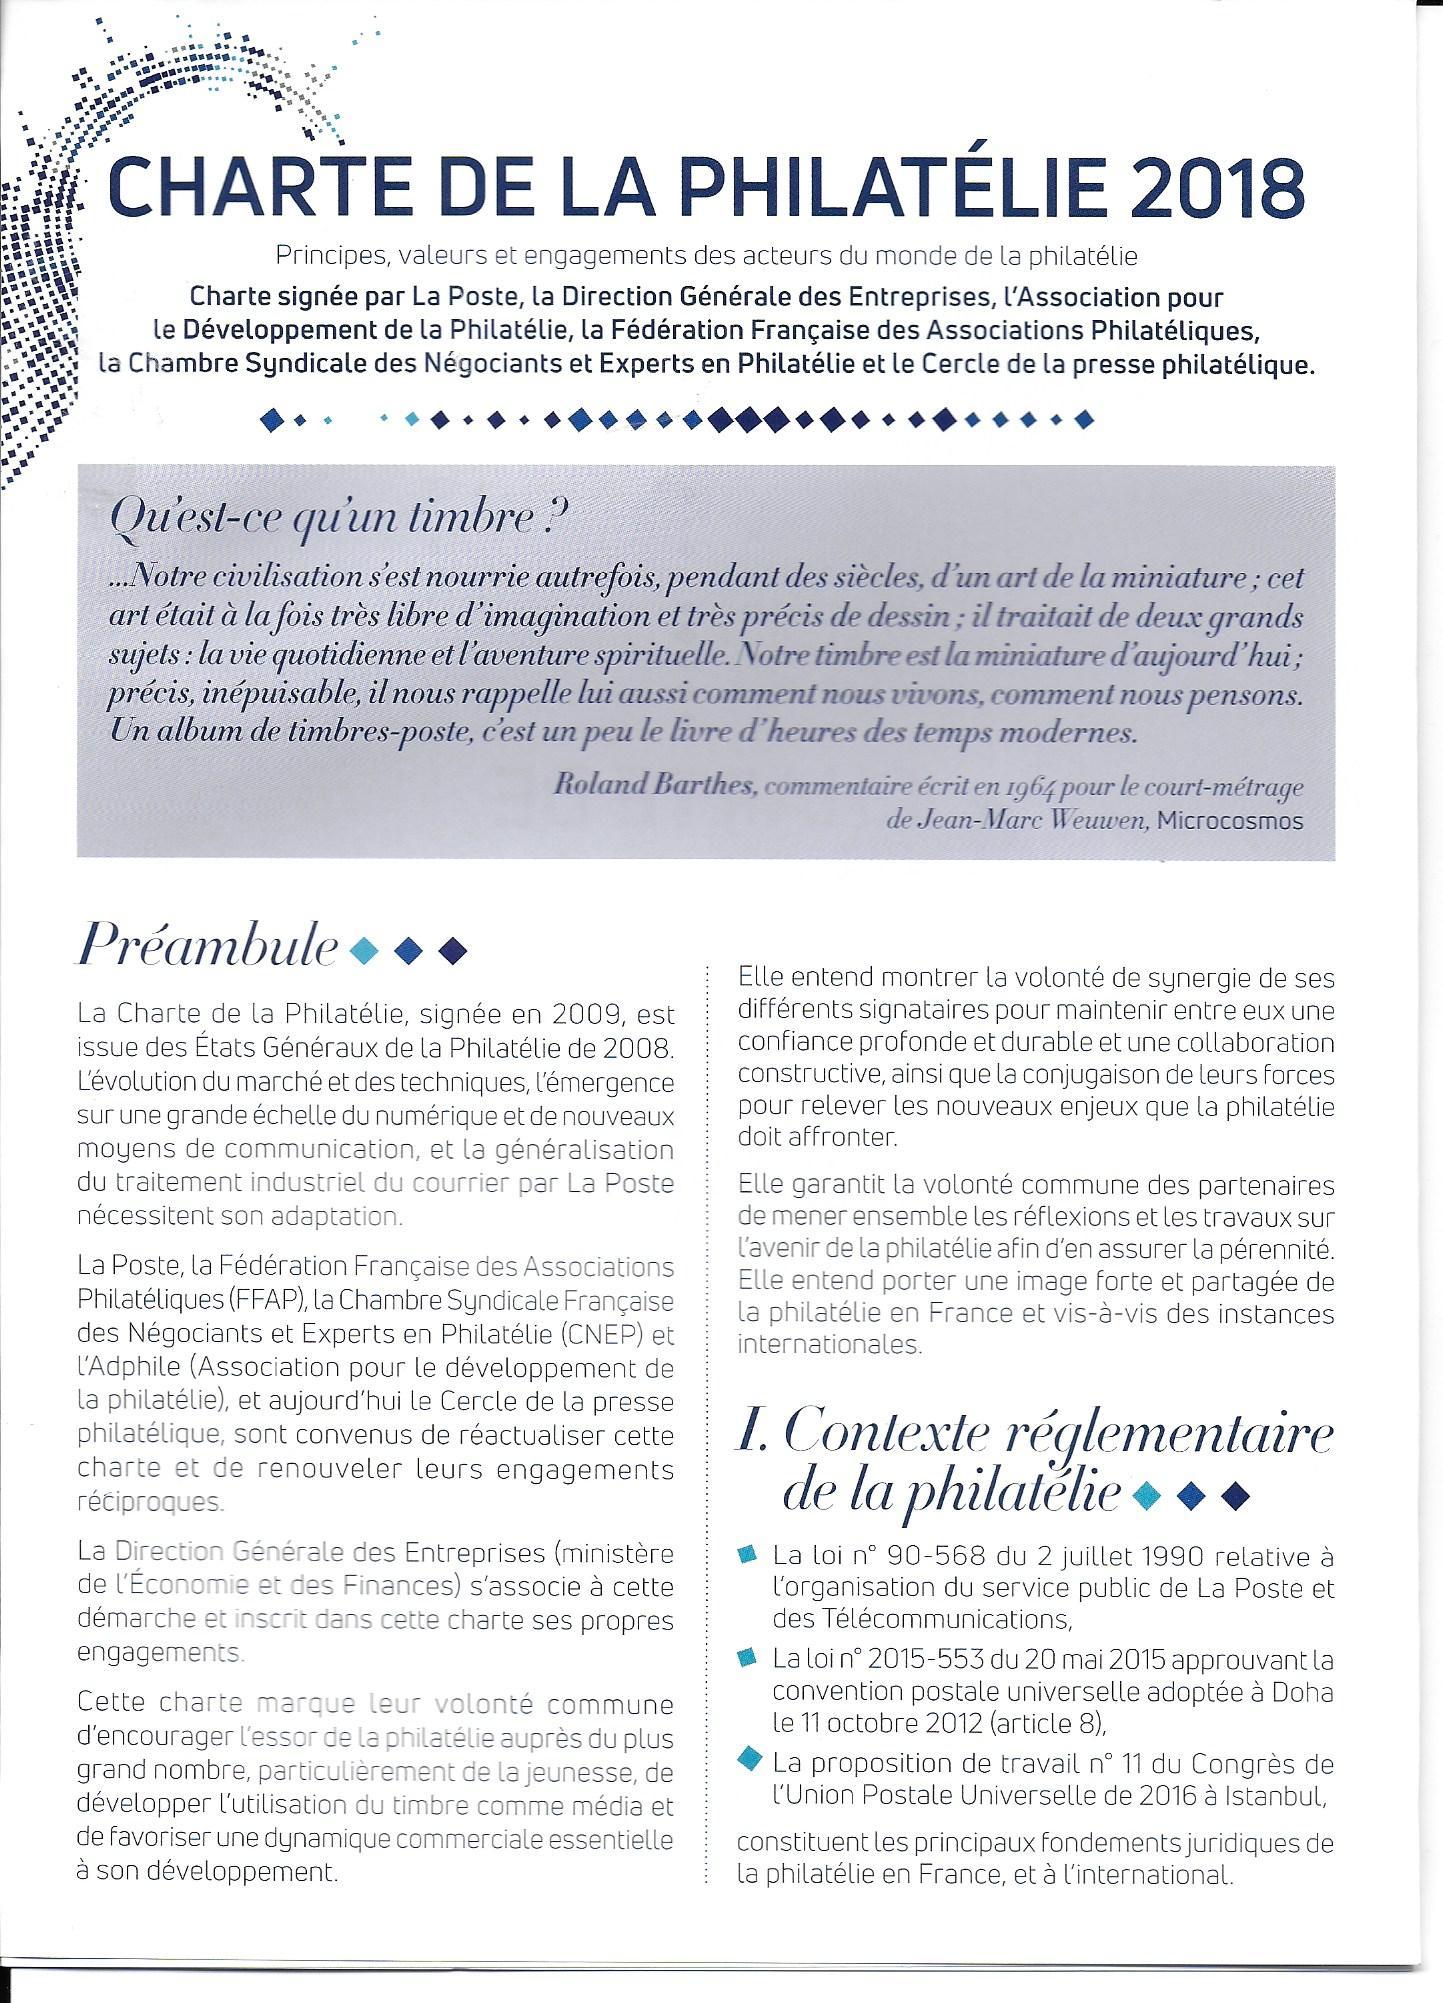 charte 2018- 2